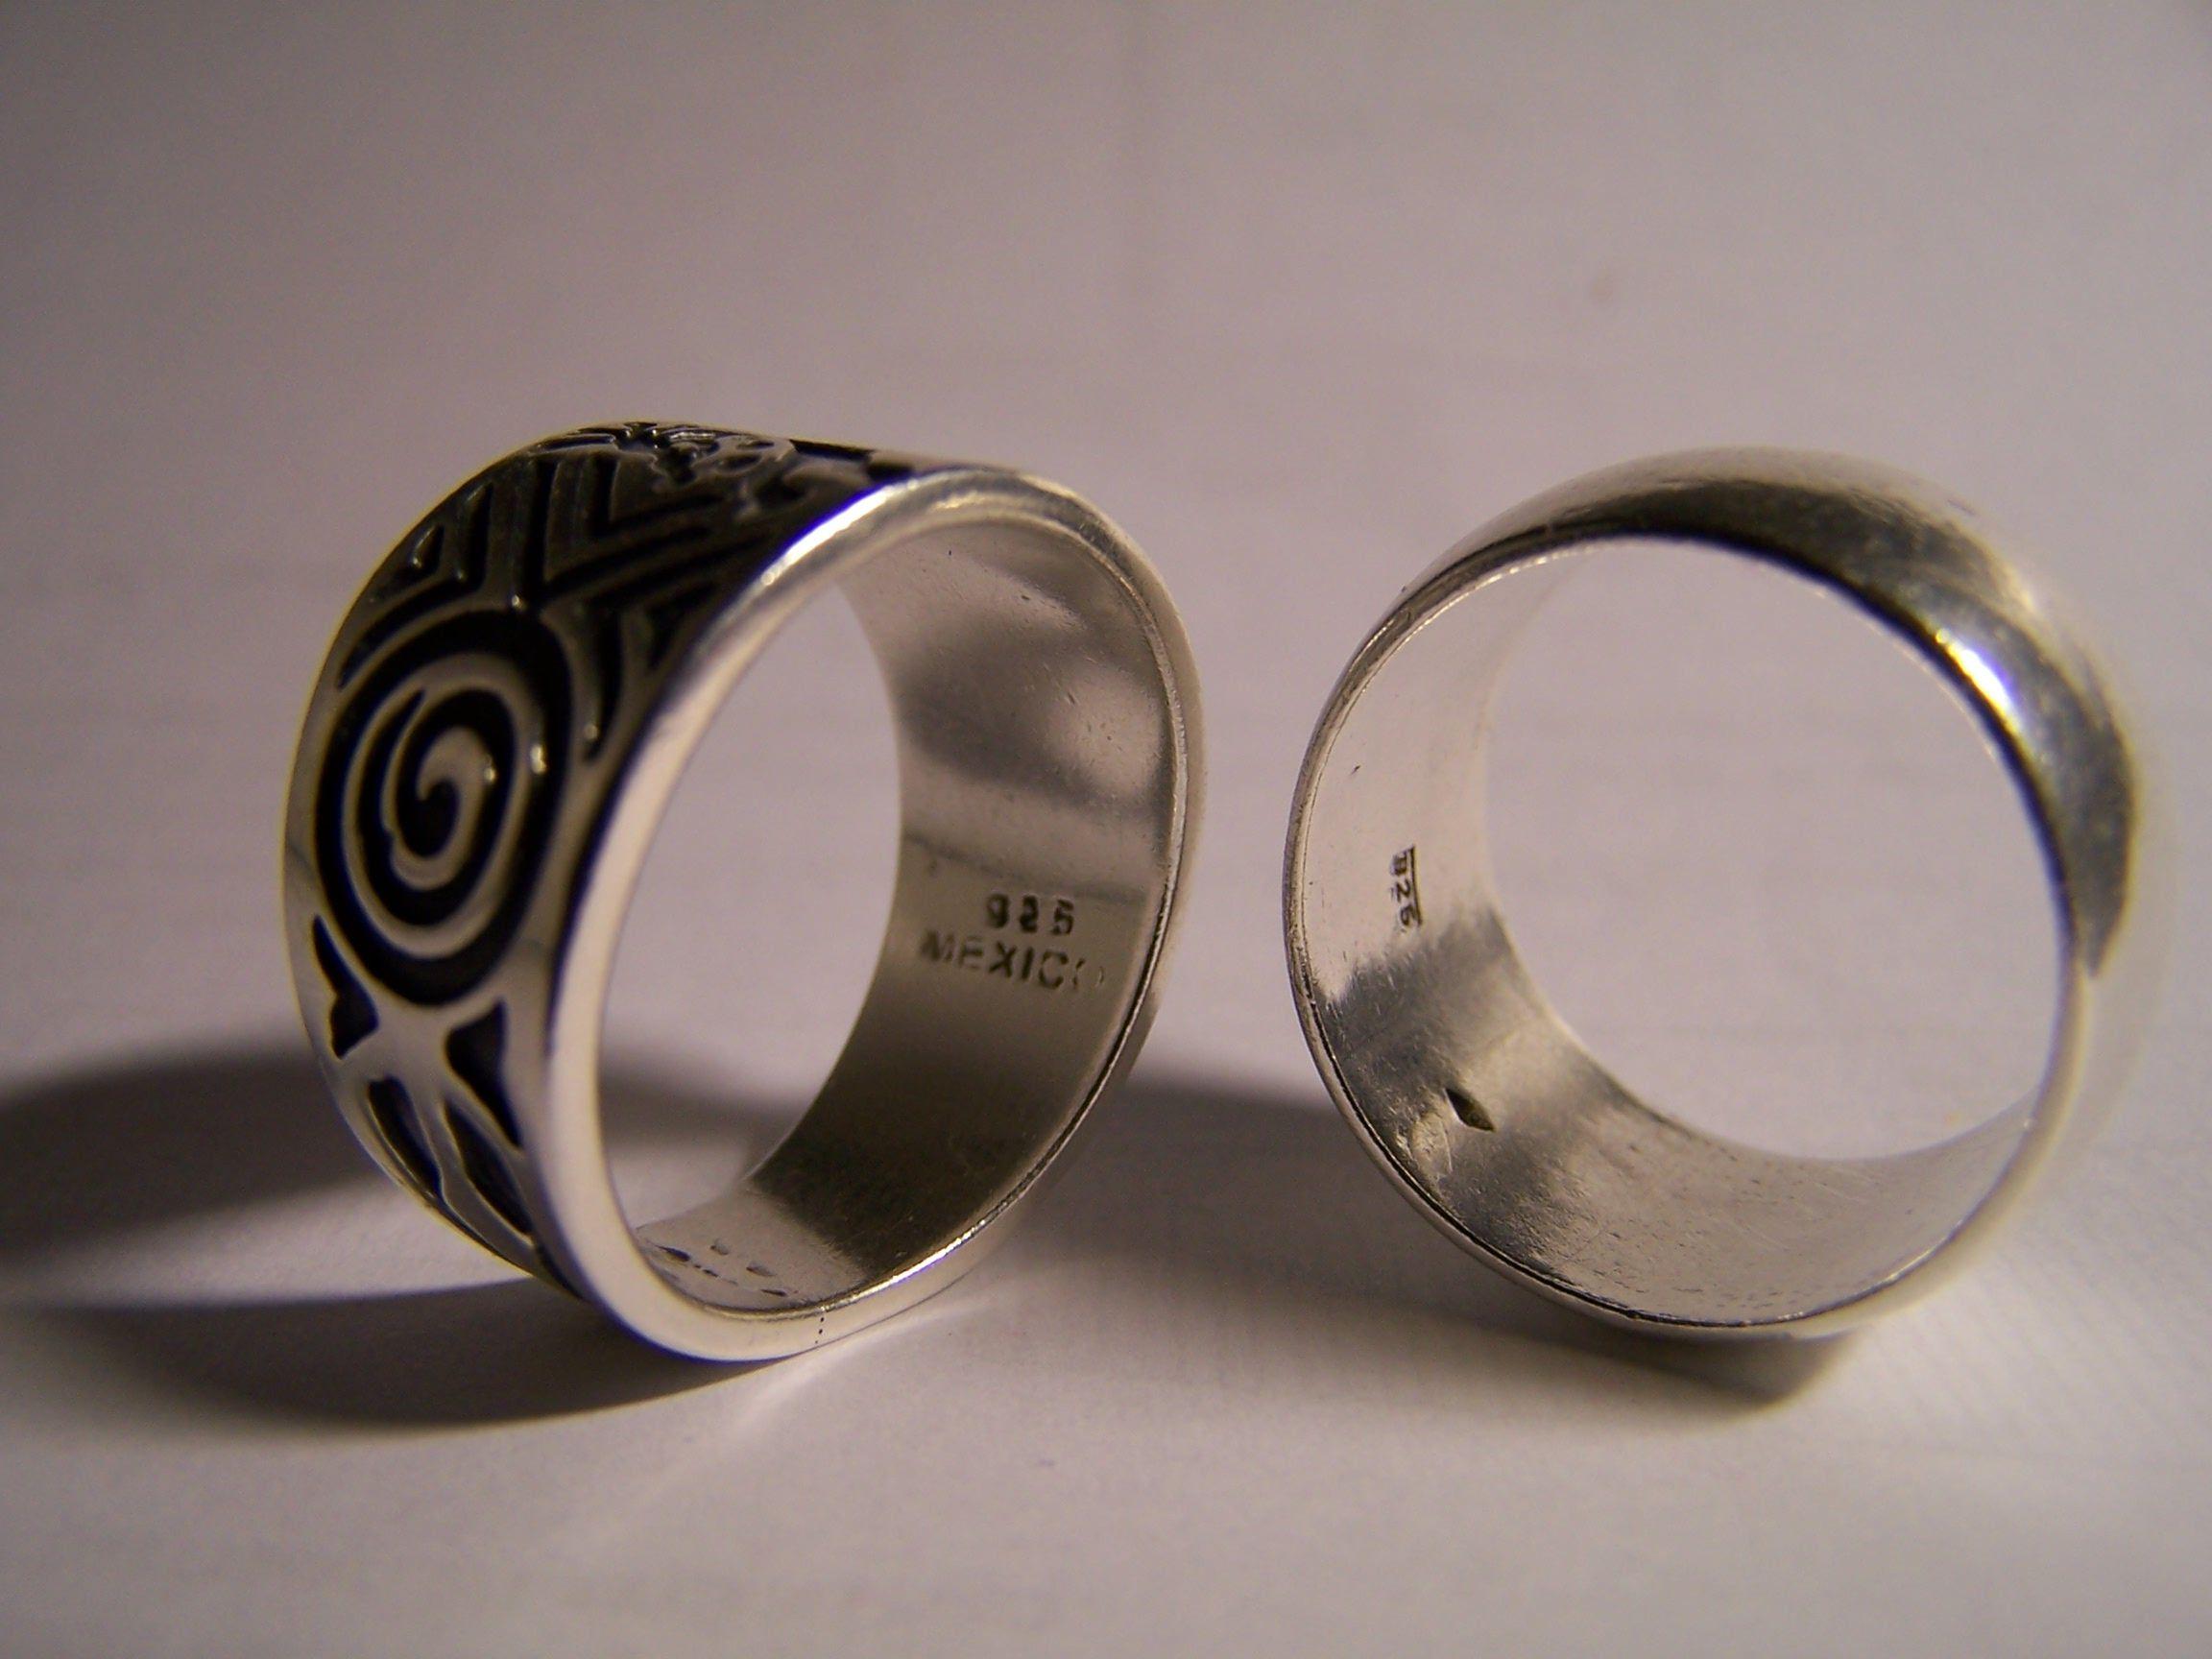 13ece7e6f4b6 Ideas!!! Cuáles son los metales más utilizados en joyería ...